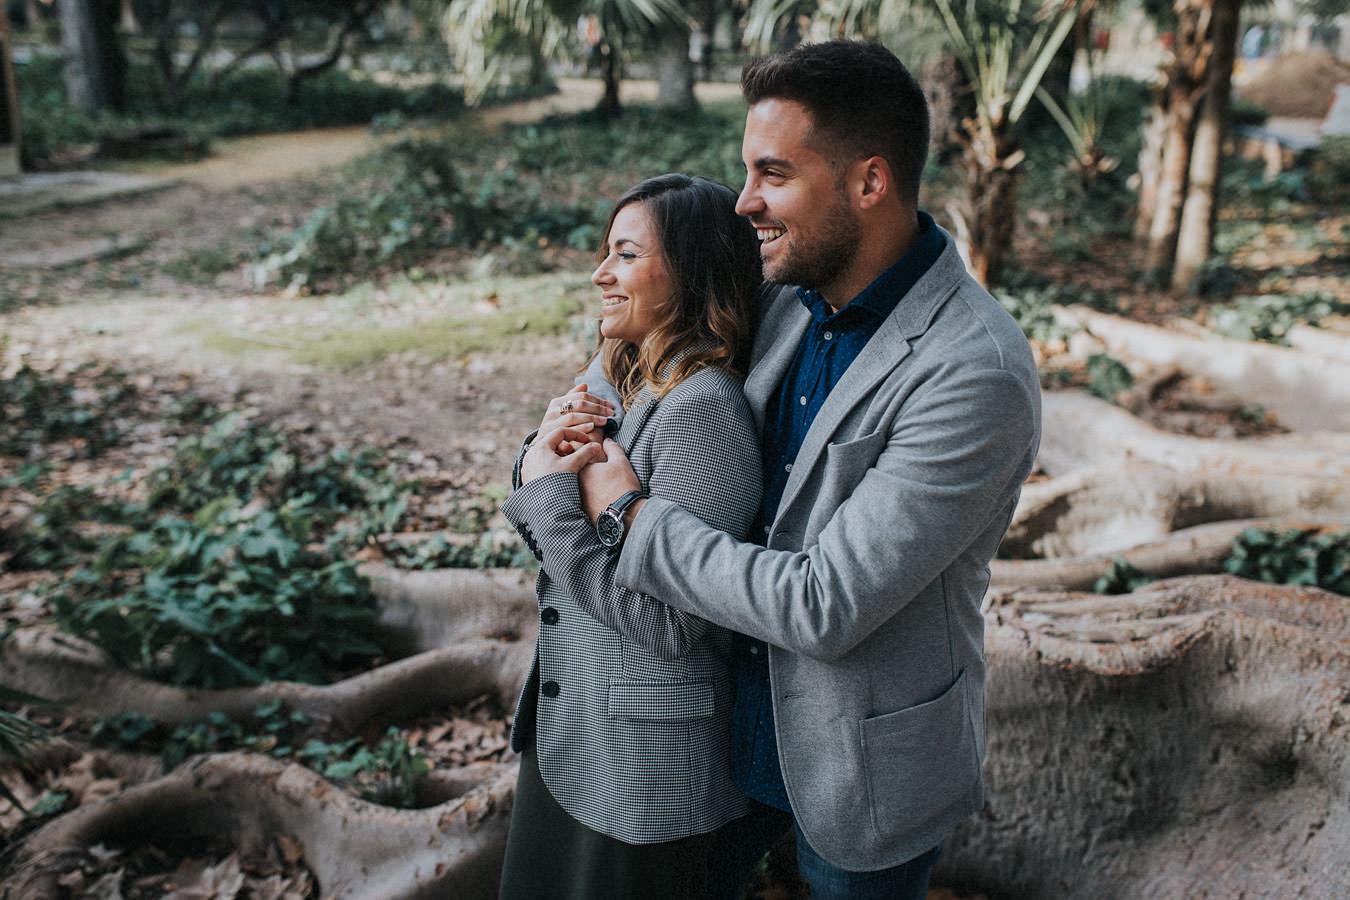 Sesión de fotos de pareja en Sevilla Parque Maria Luisa